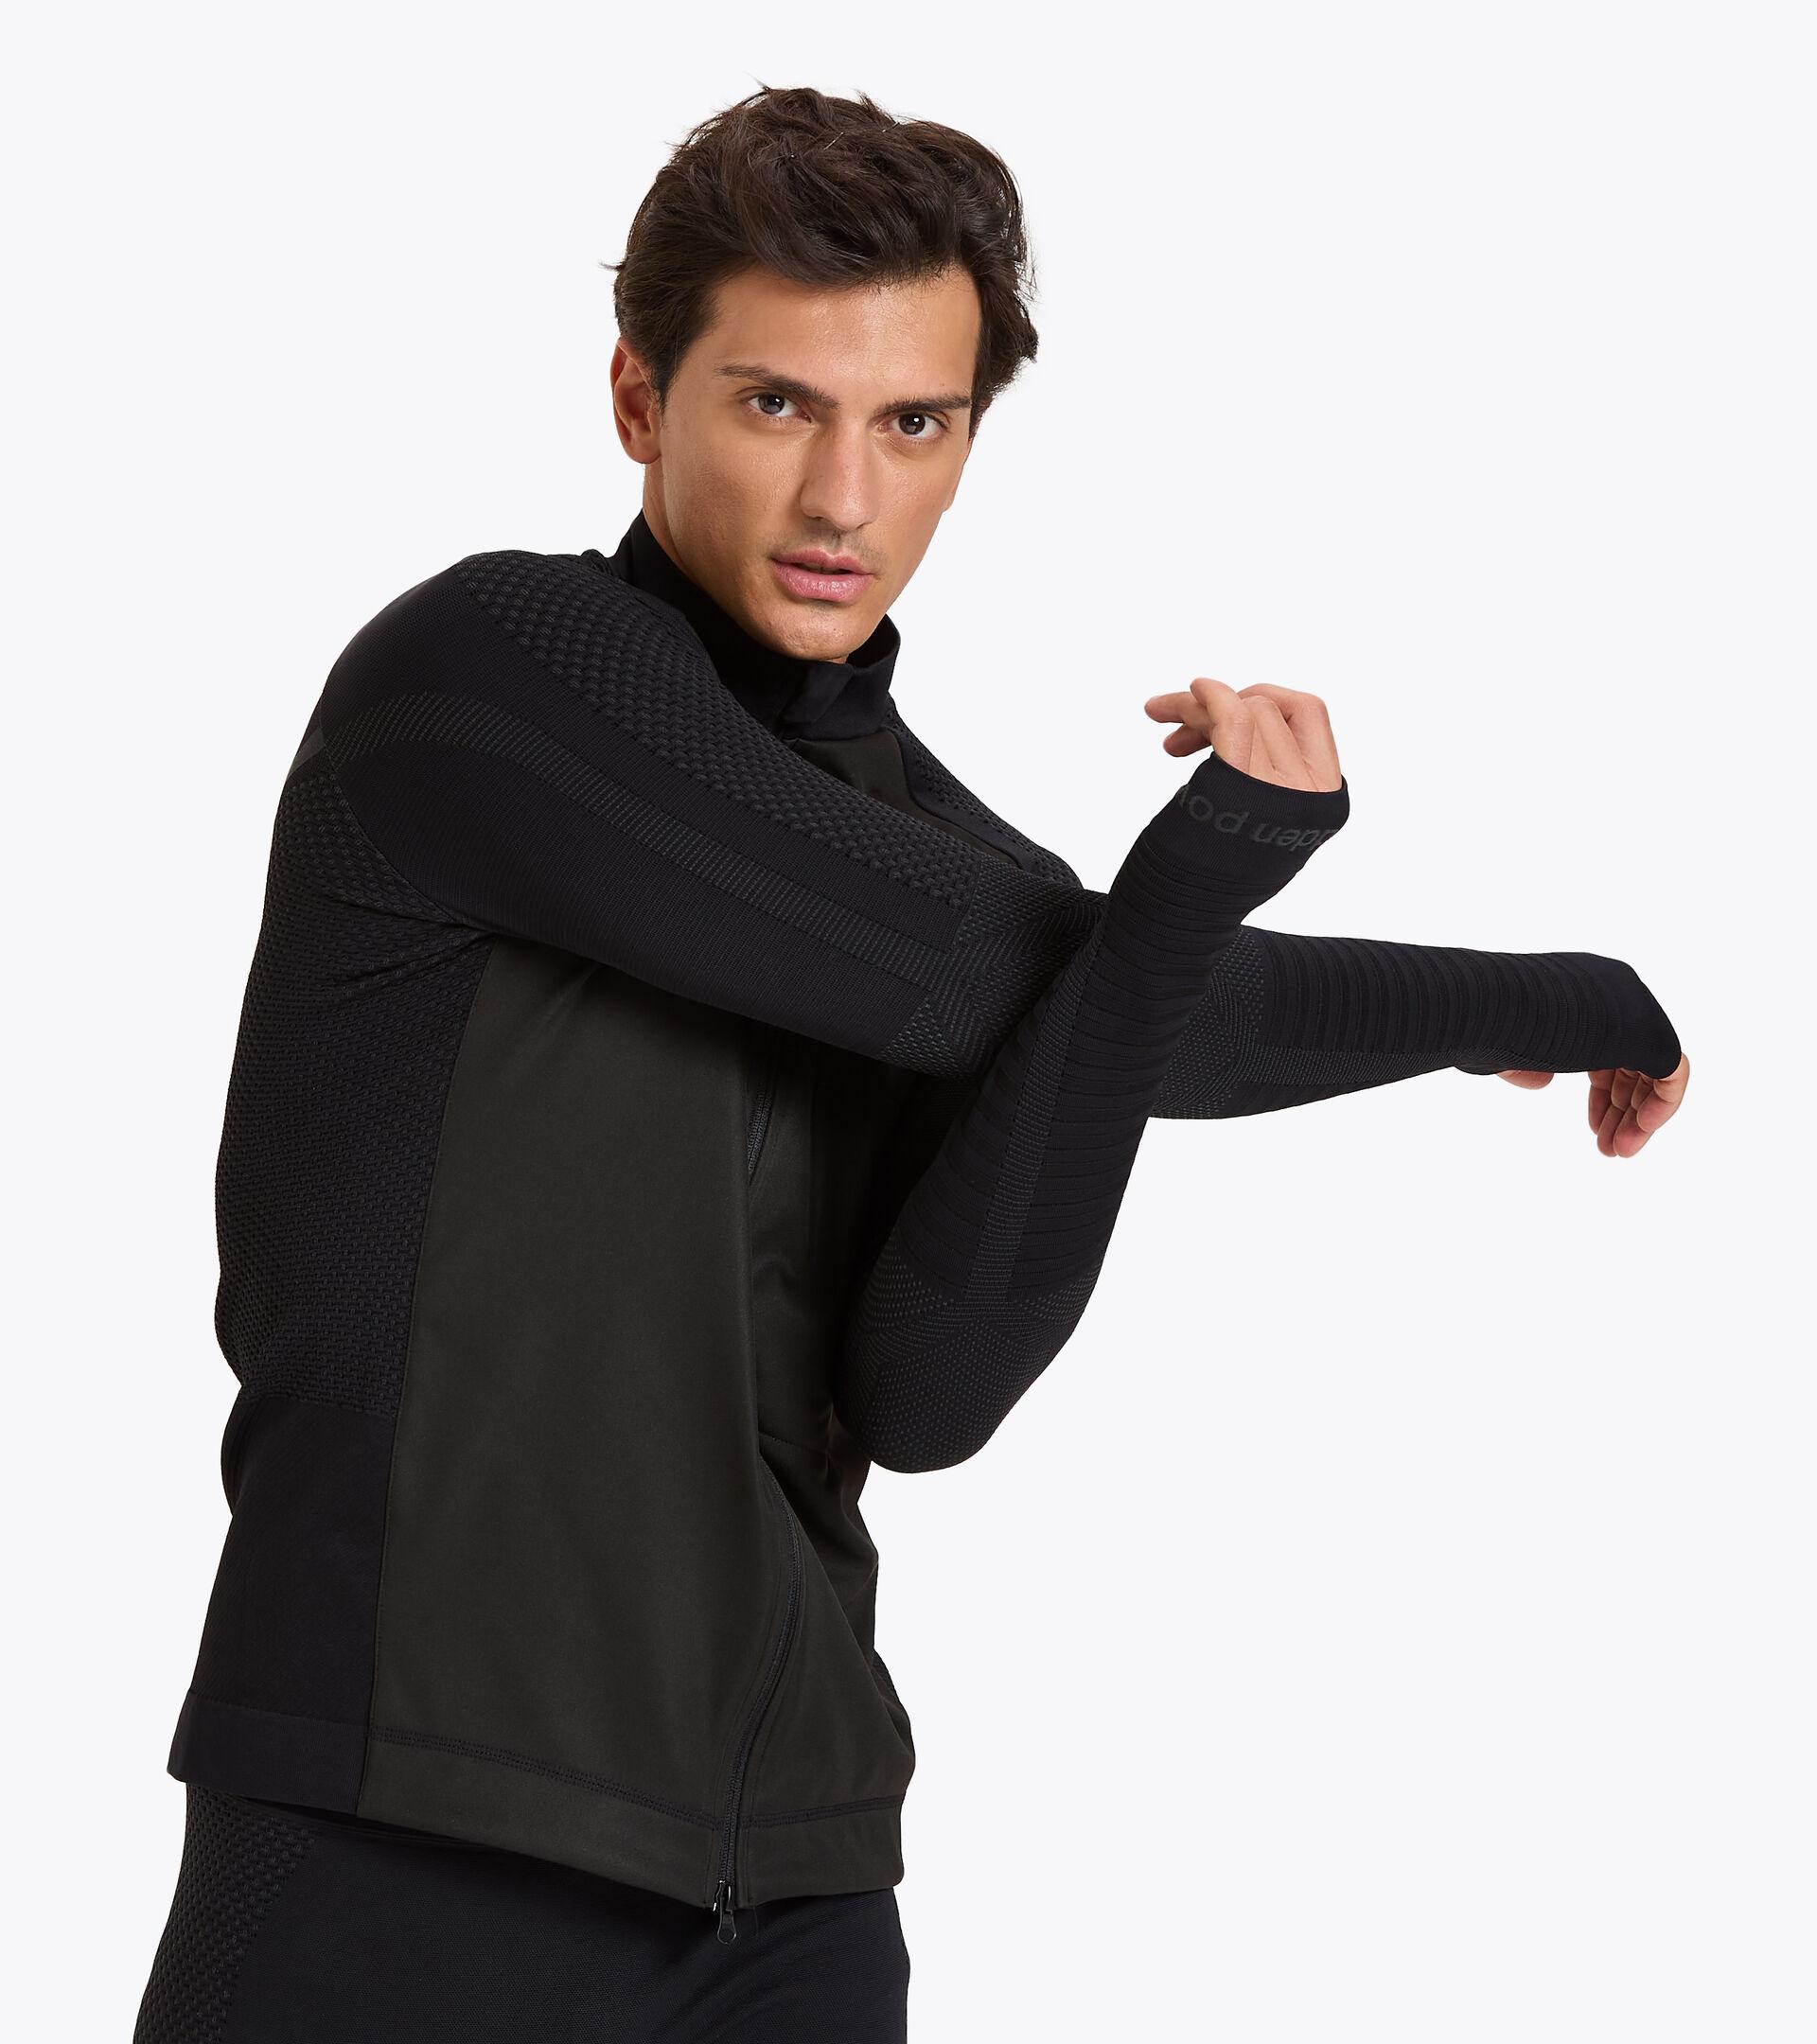 Chaqueta para correr Made in Italy - Hombre HIDDEN POWER JACKET NEGRO - Diadora